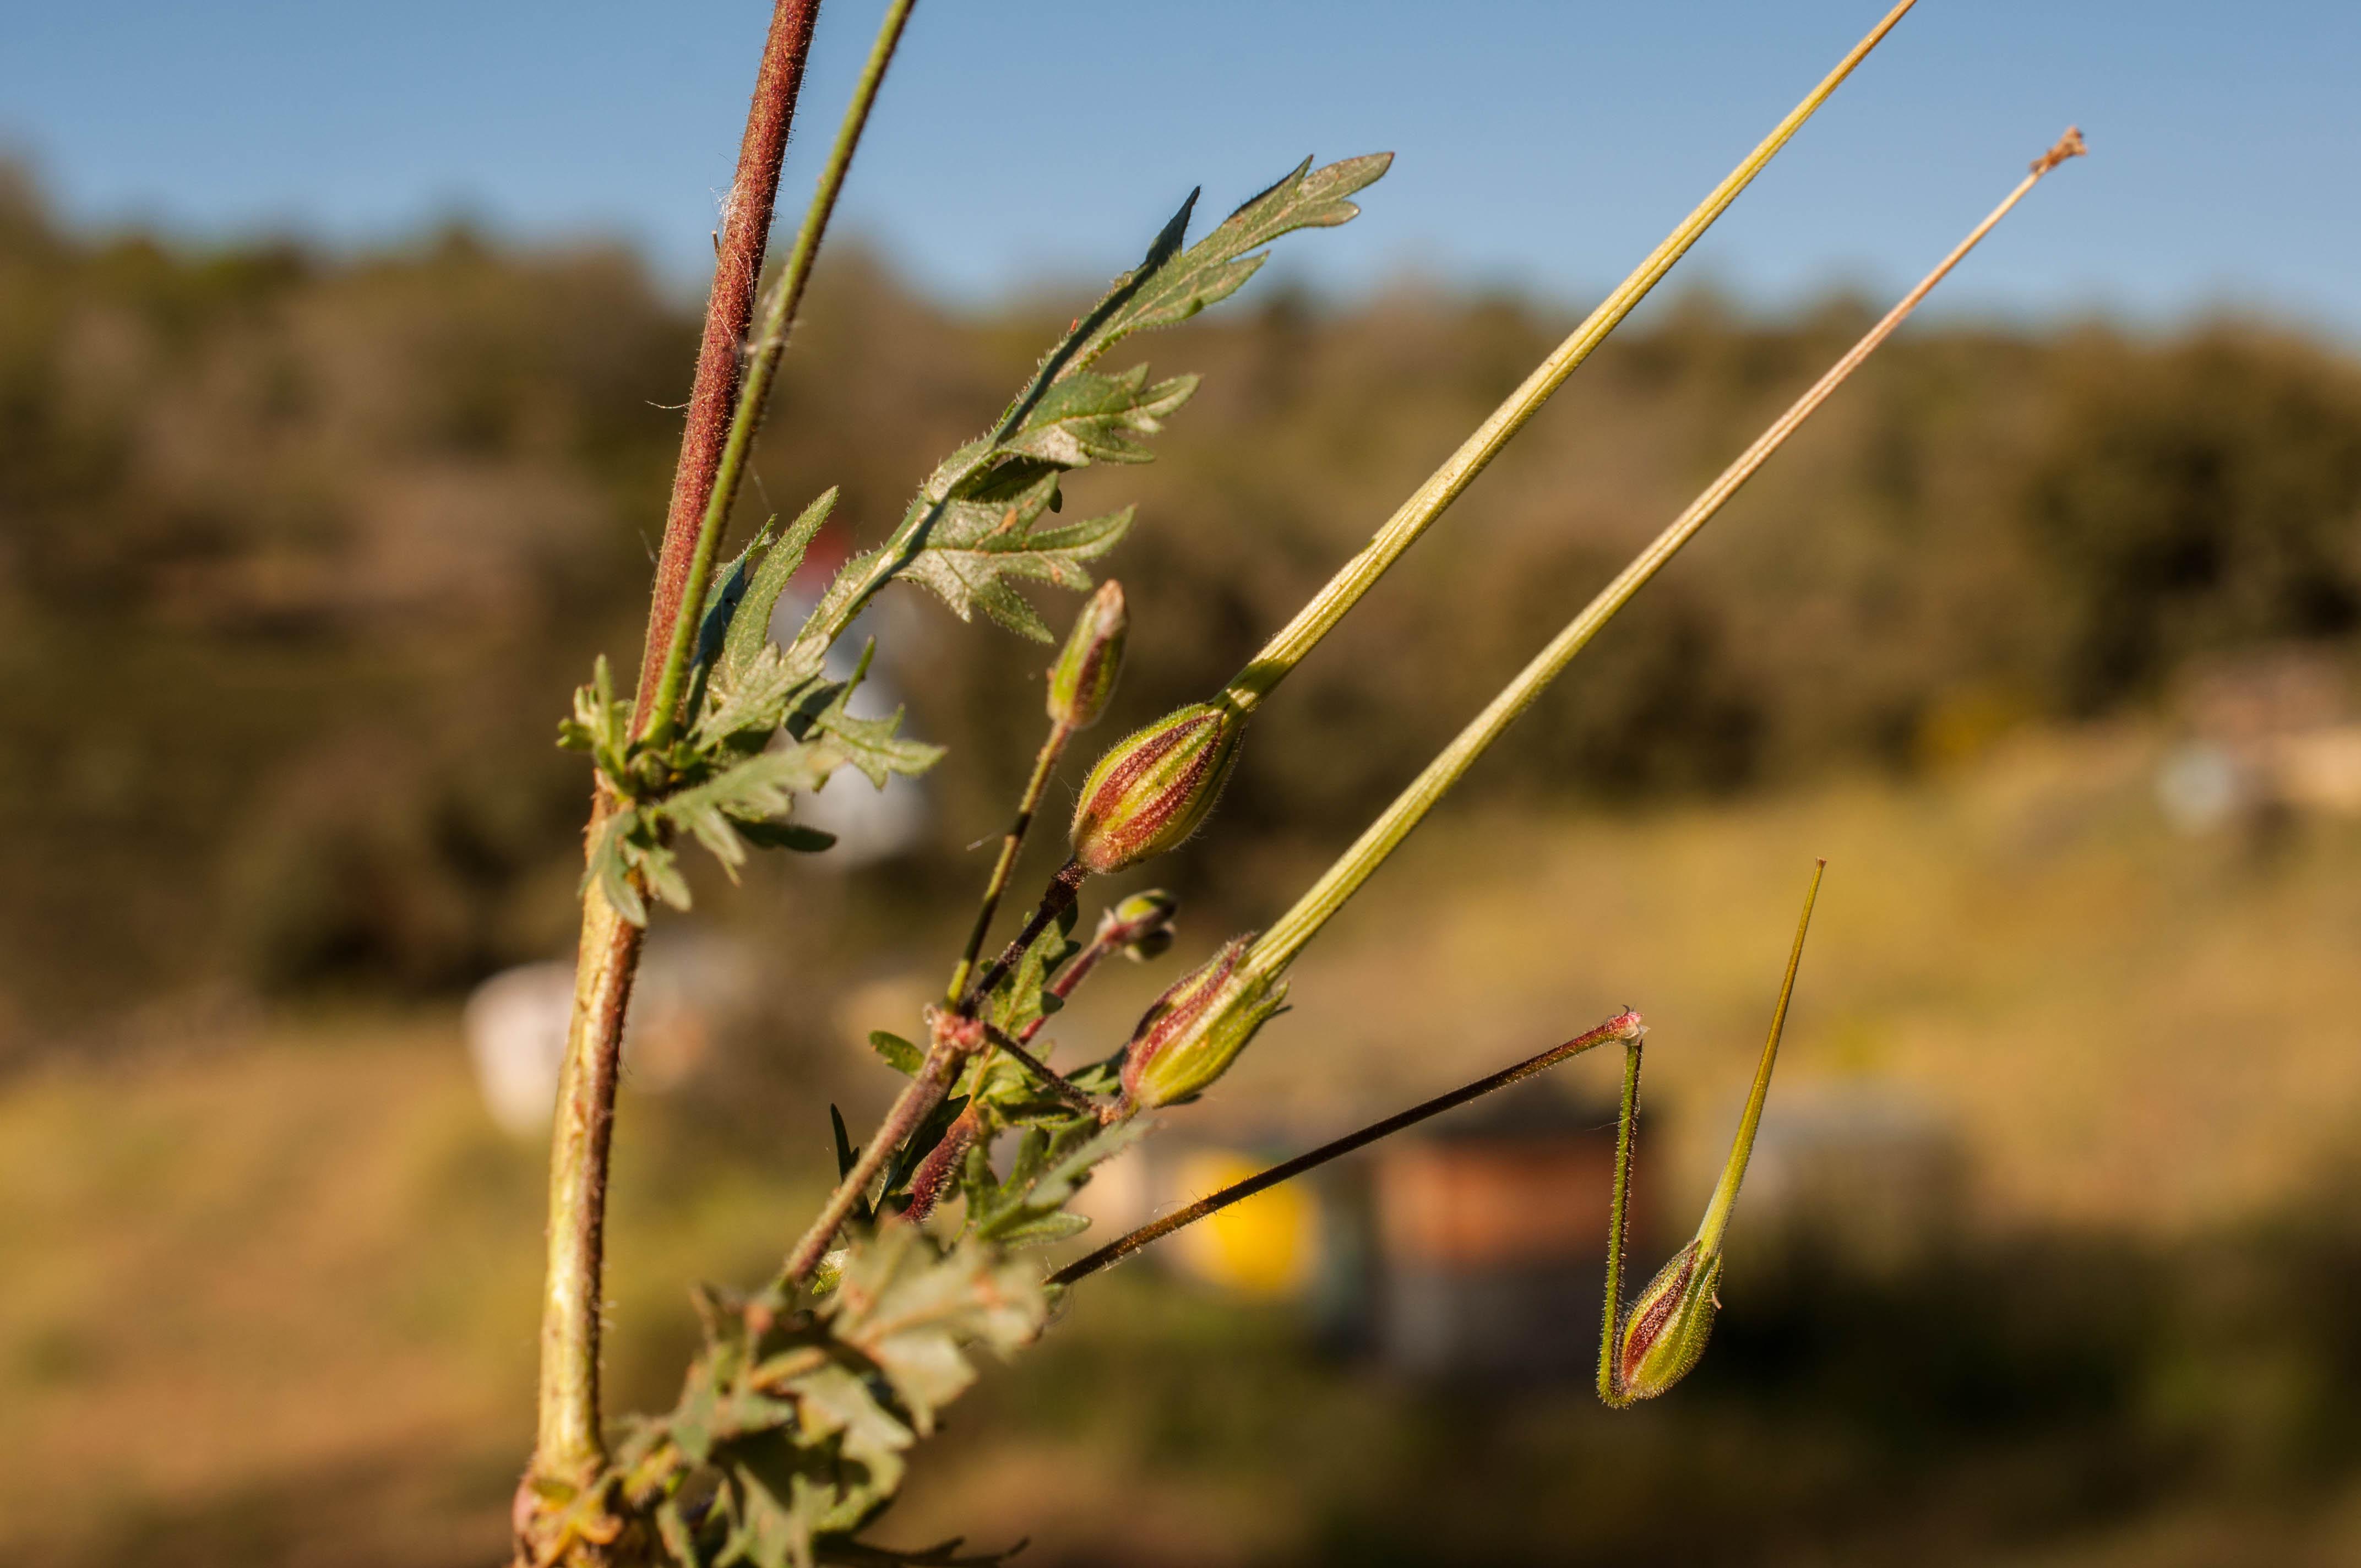 Erodium cicutarium Las Obreras de Aliste CB Artesanos de la Miel Aliste Gallegos del Campo Artesanos de la Miel